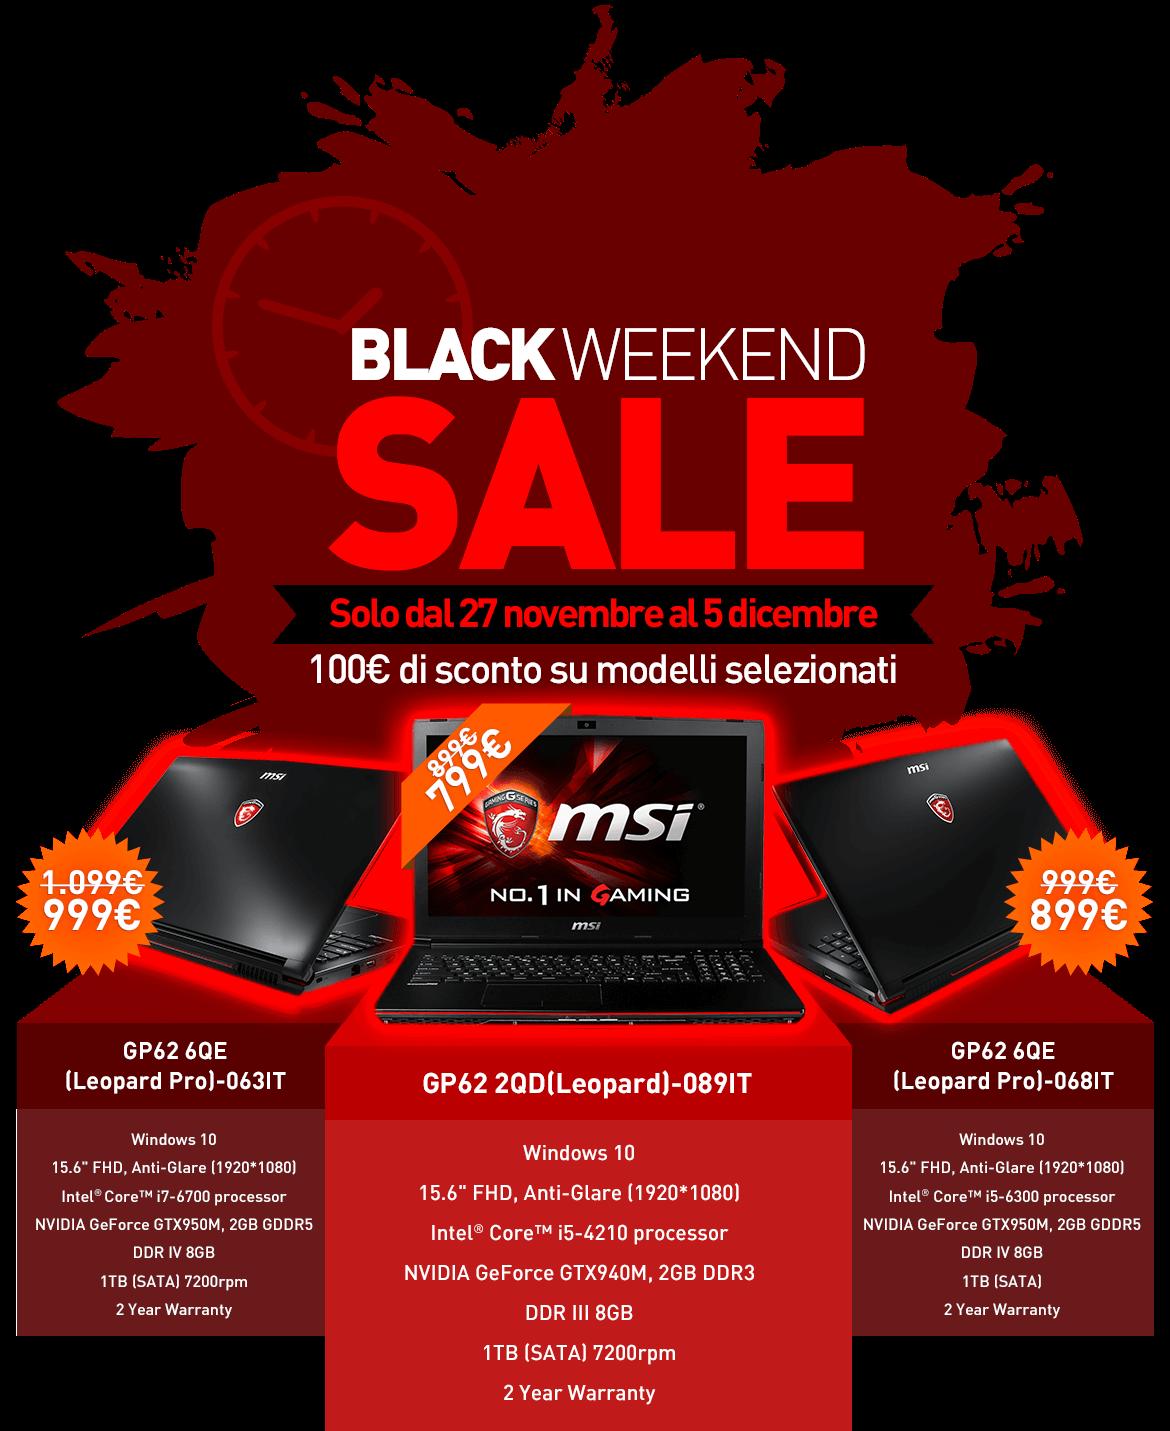 Ti9 Weekend Sale: BLACK WEEKEND SALE!